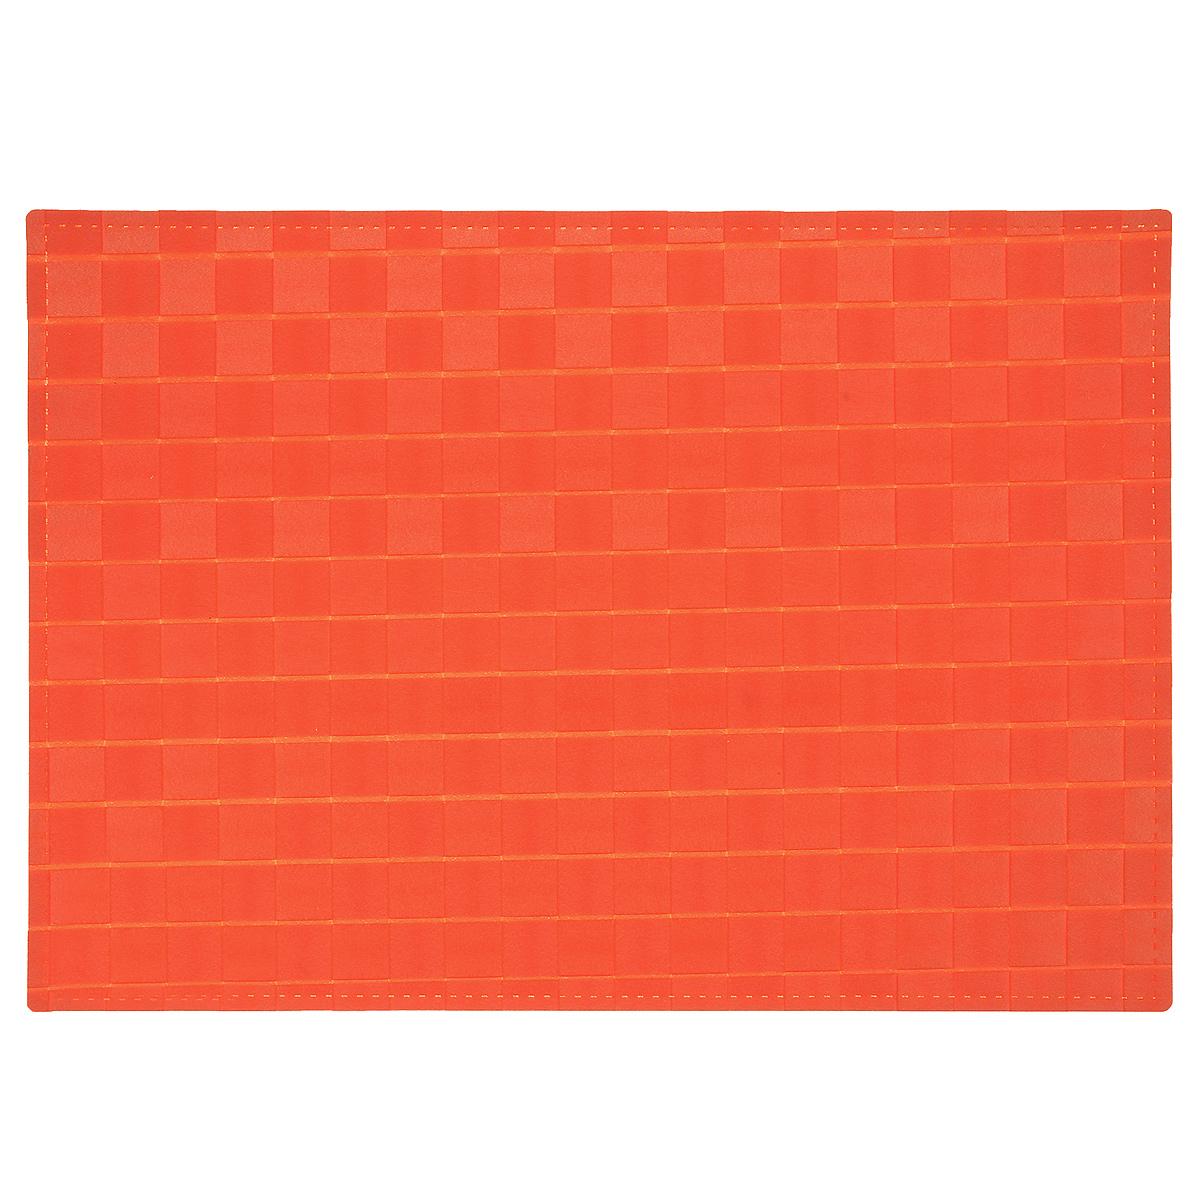 Подставка под горячее Hans & Gretchen, цвет: оранжевый, 45 х 30 см. 28HZ-9043 подставка под горячее togas андре цвет синий серый 45 х 33 см